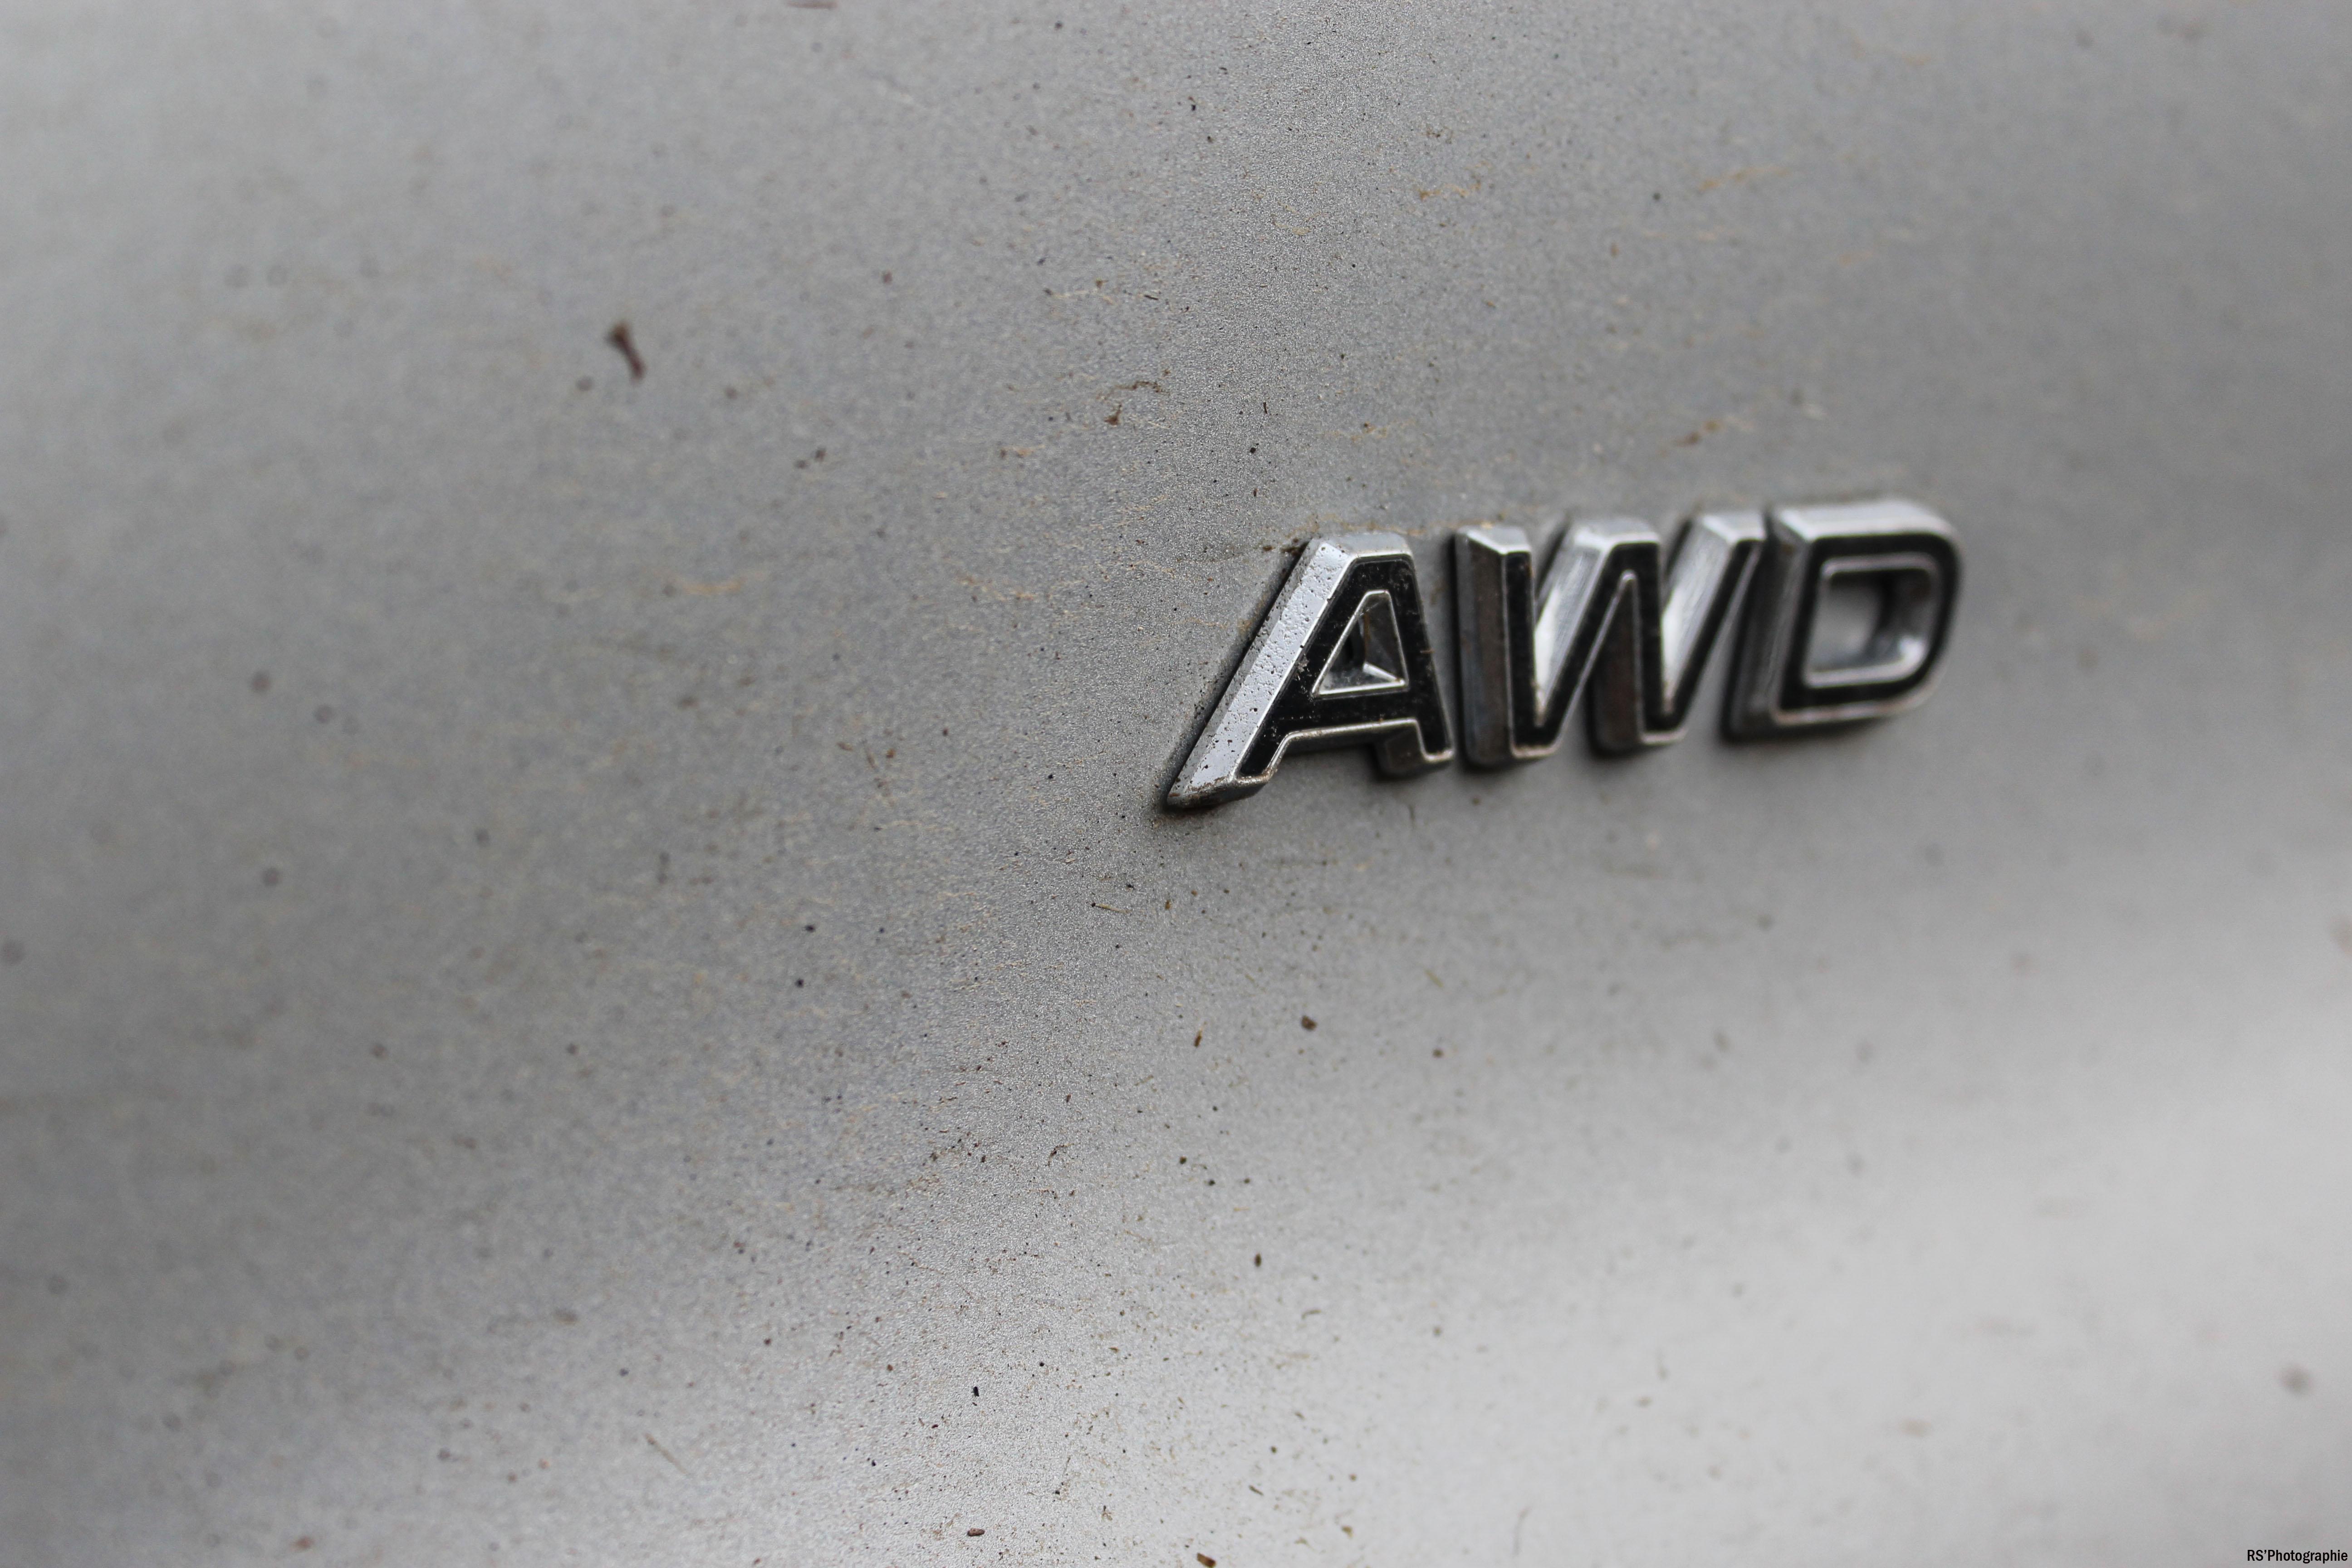 FordKuga13-ford-kuga-150-logo-arnaud-demasier-rsphotographie